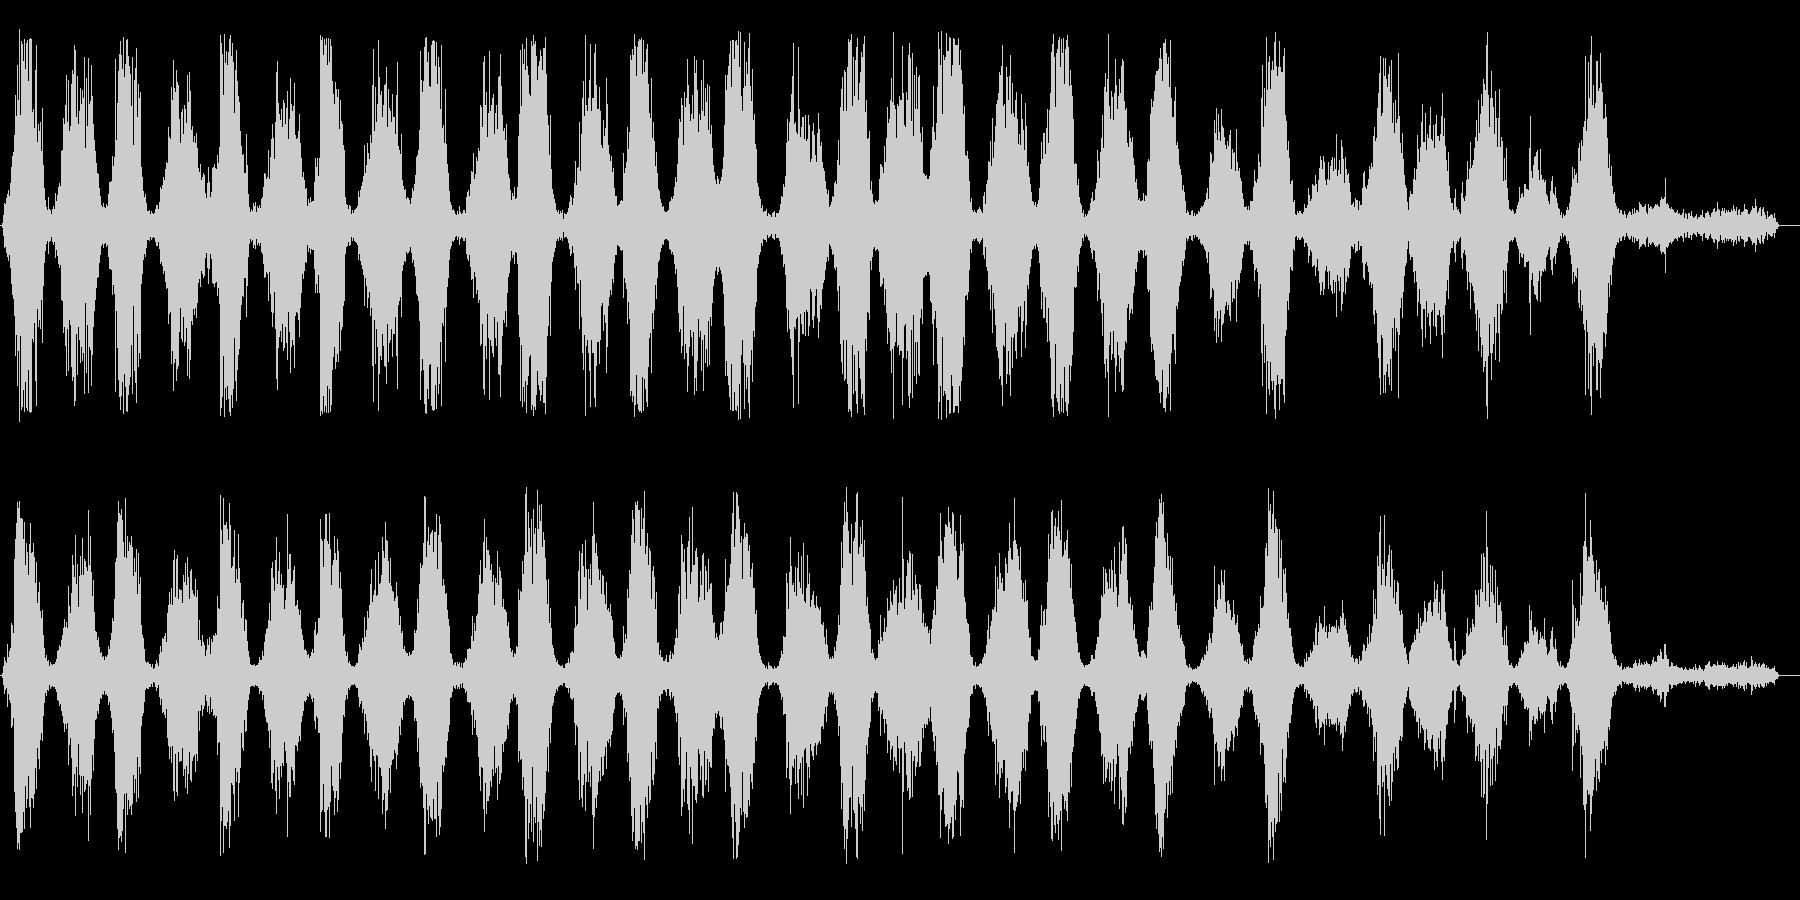 ゼシュゼシュ(鋸を繰り返し引く音)の未再生の波形